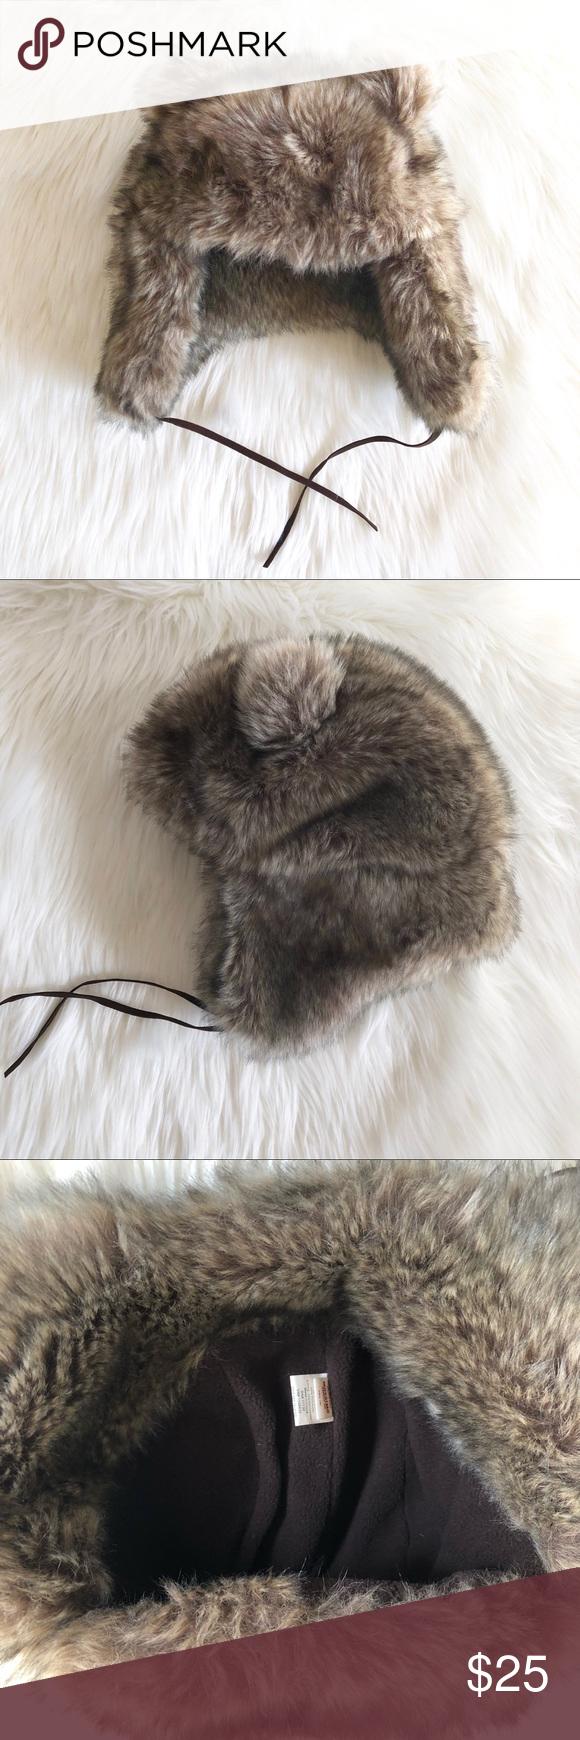 22d487f43b5 Faux fur Bear Hat Trendy super cute winter faux fur hat with little bear  ears!